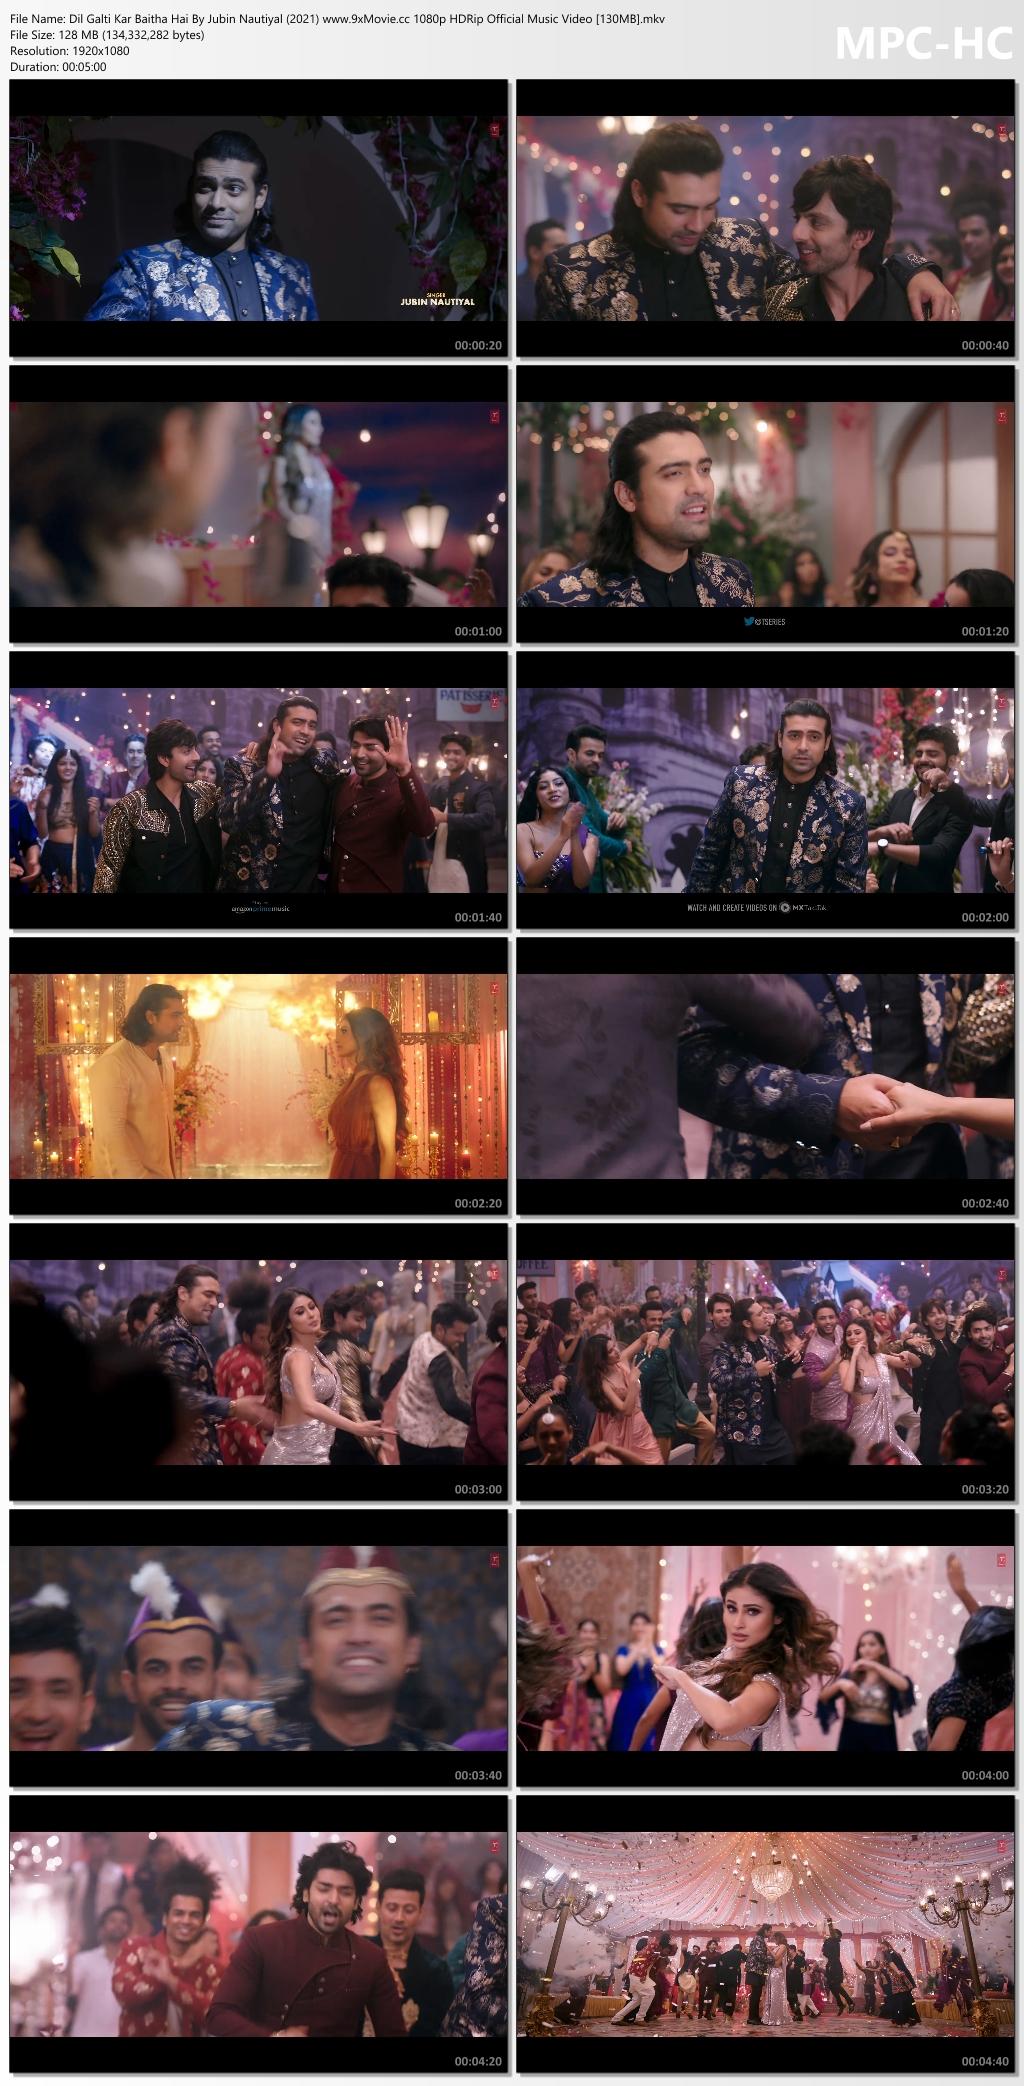 Dil-Galti-Kar-Baitha-Hai-By-Jubin-Nautiyal-2021-www-9x-Movie-cc-1080p-HDRip-Official-Music-Video-130